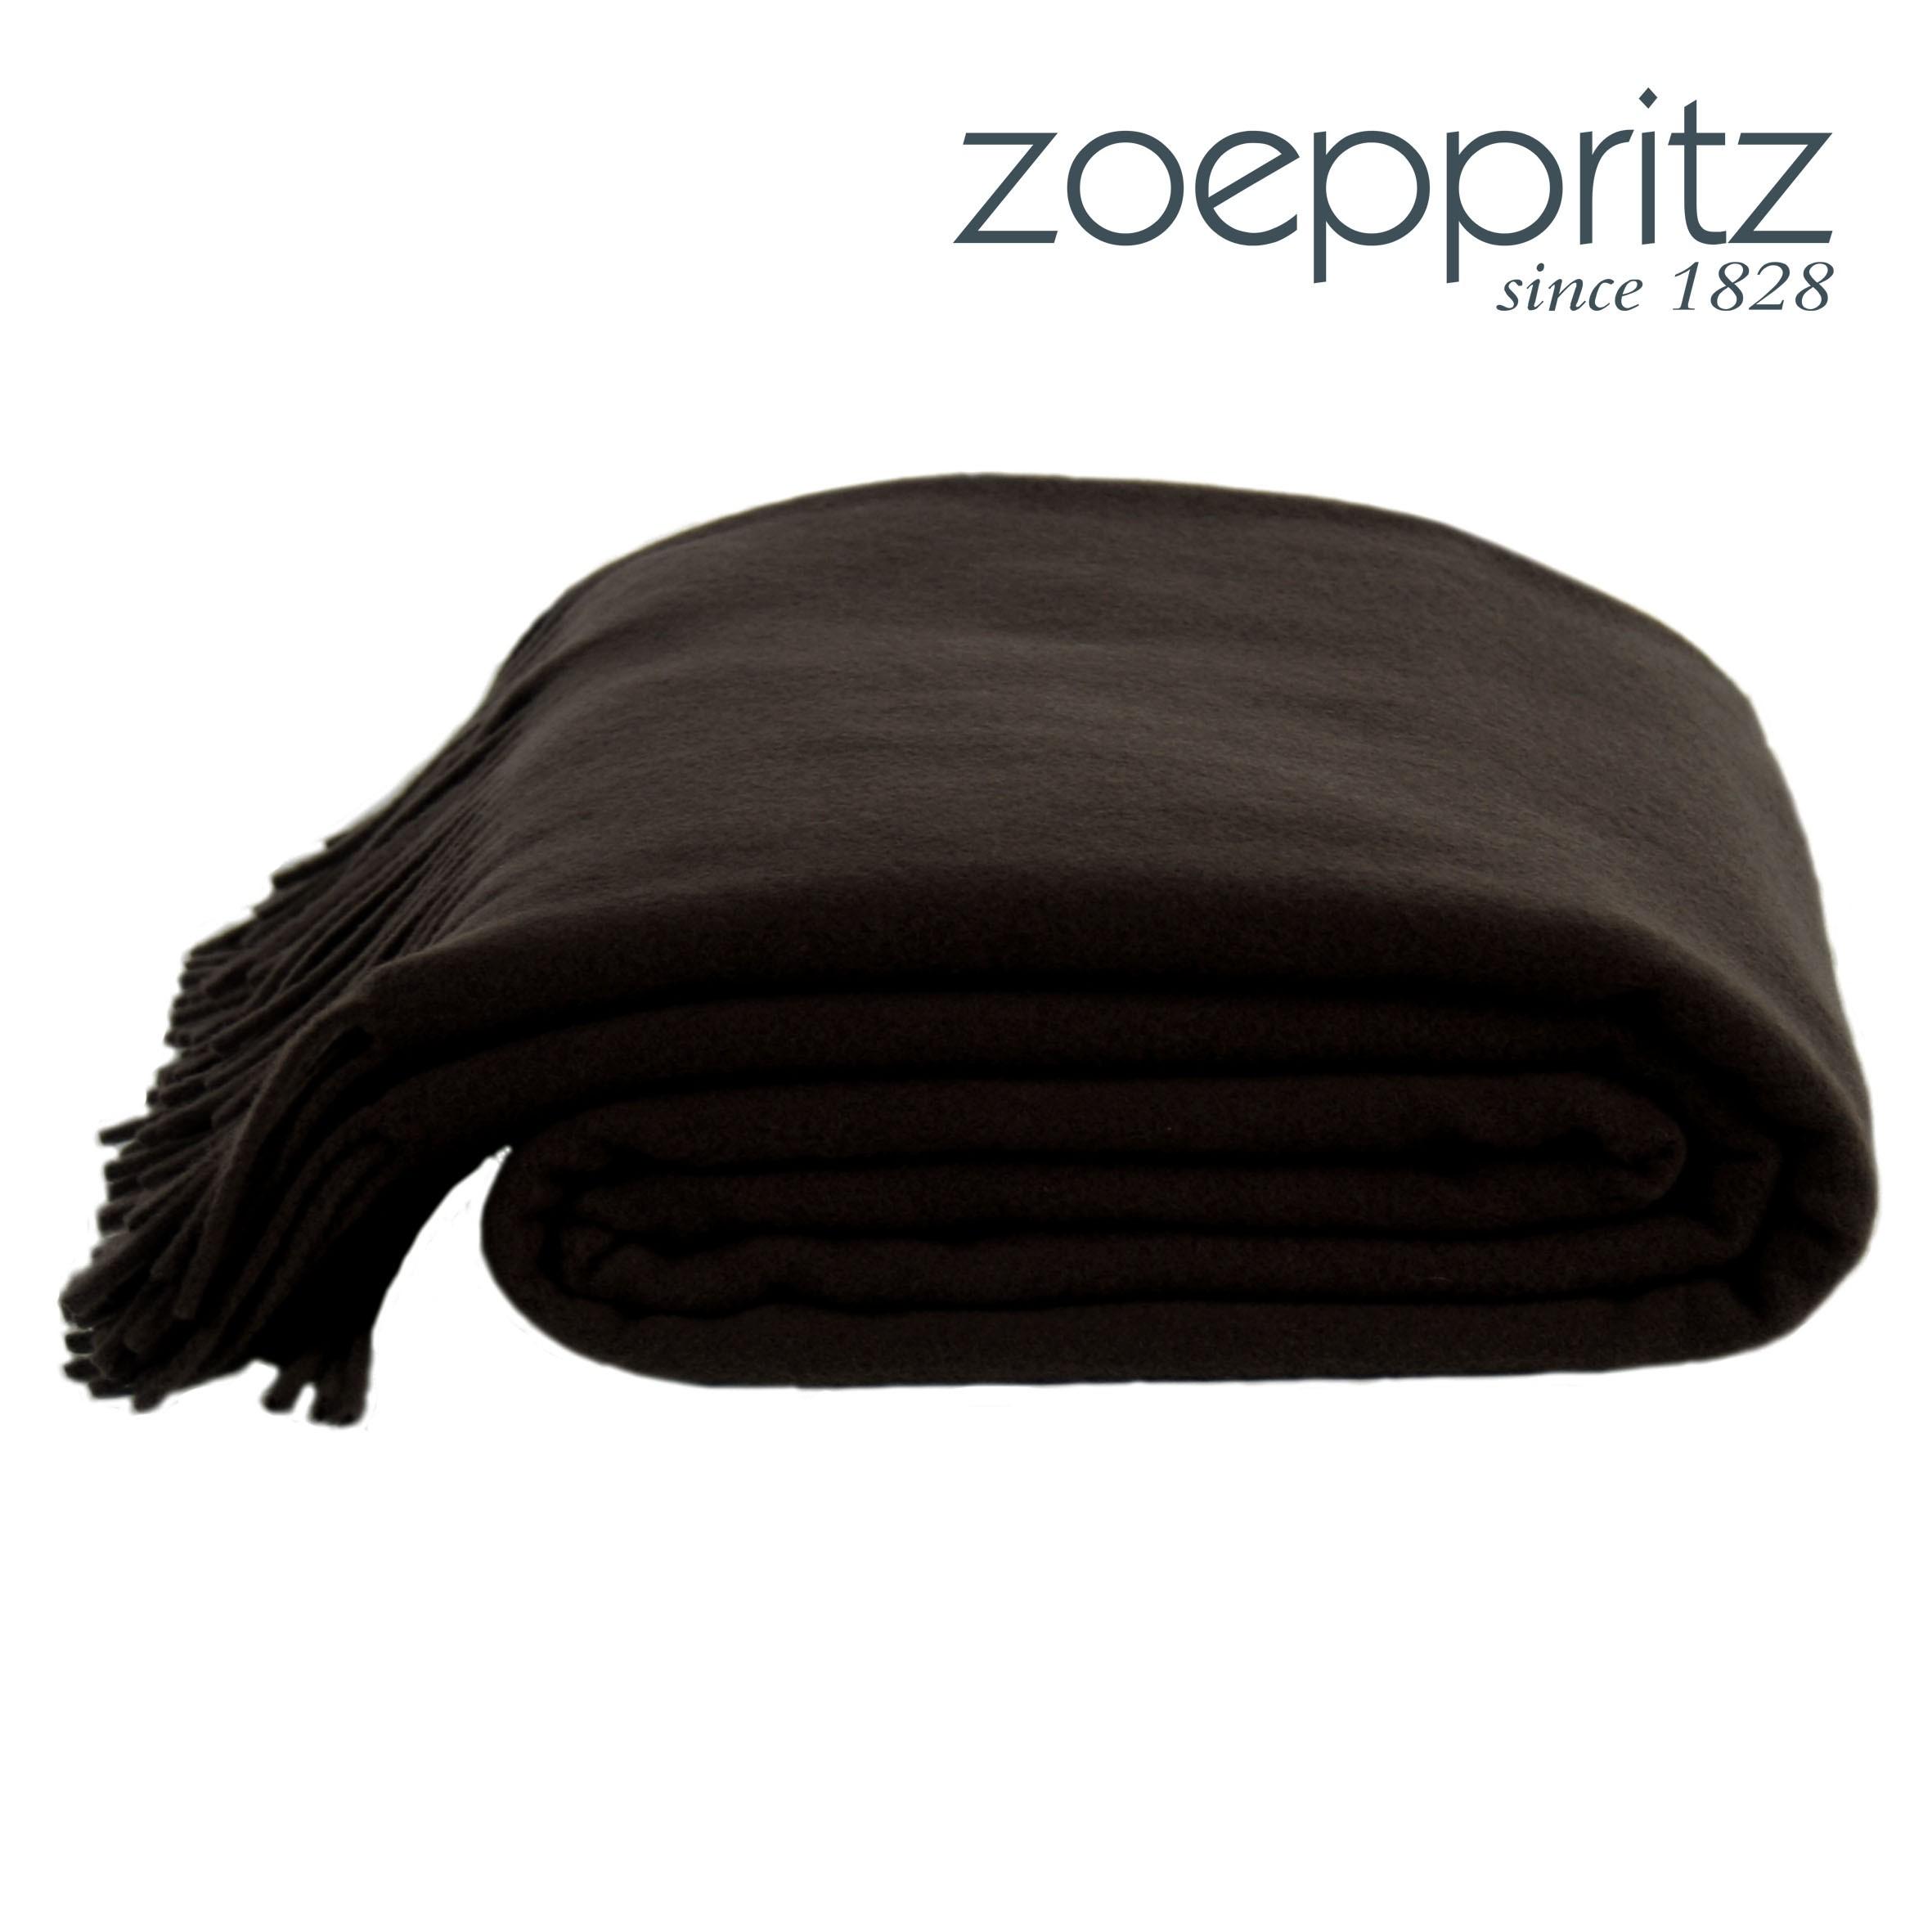 zoeppritz plaid must have mocca 890. Black Bedroom Furniture Sets. Home Design Ideas